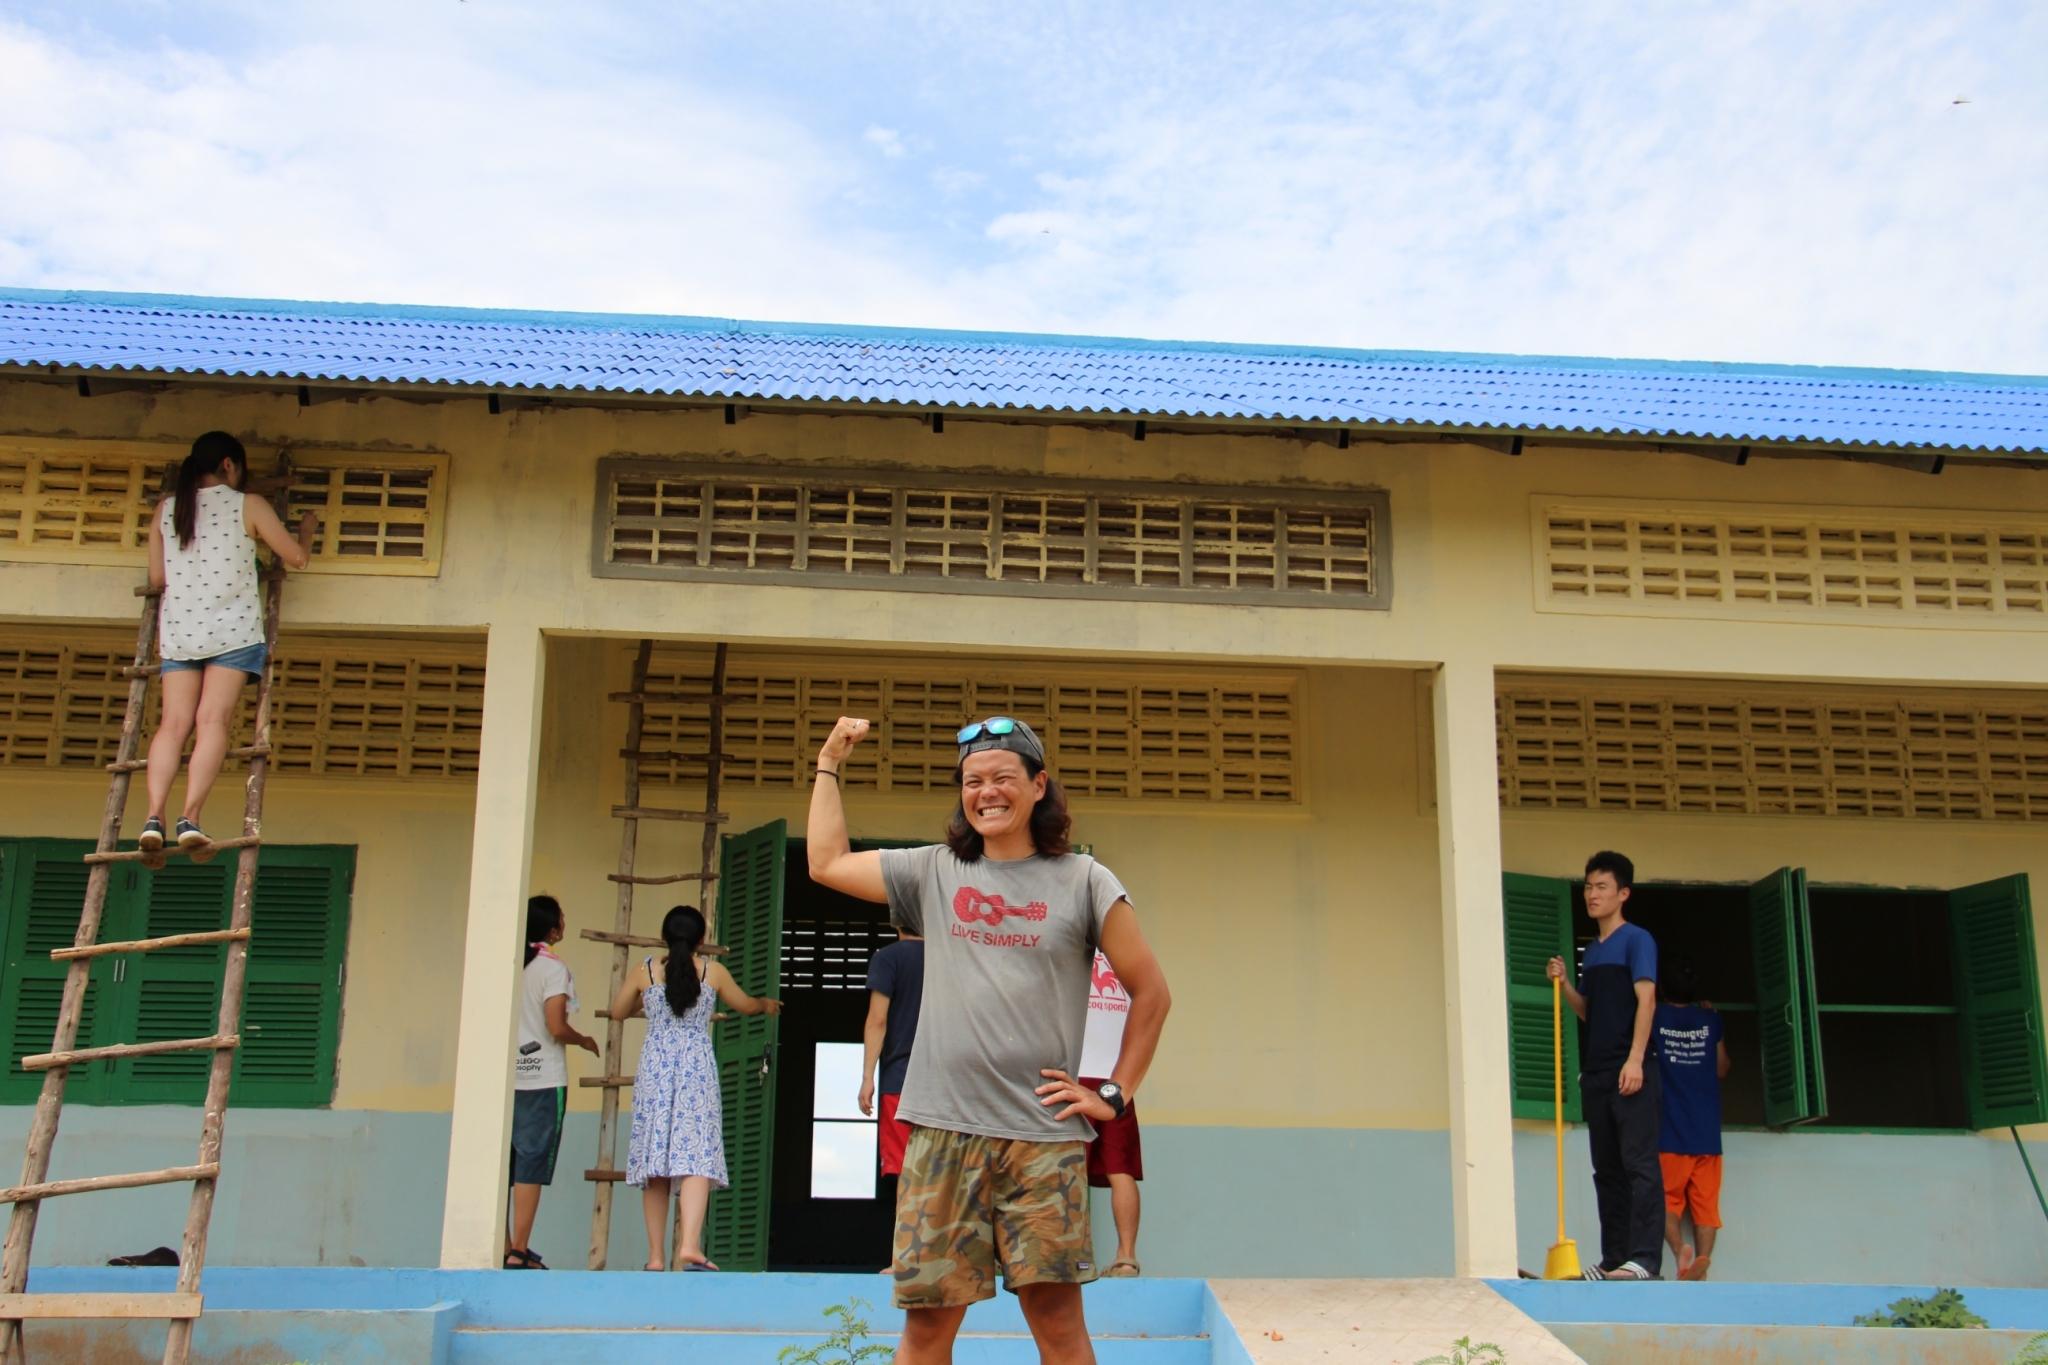 【予約状況】みらいスクールの開校式に関する宿泊予約状況